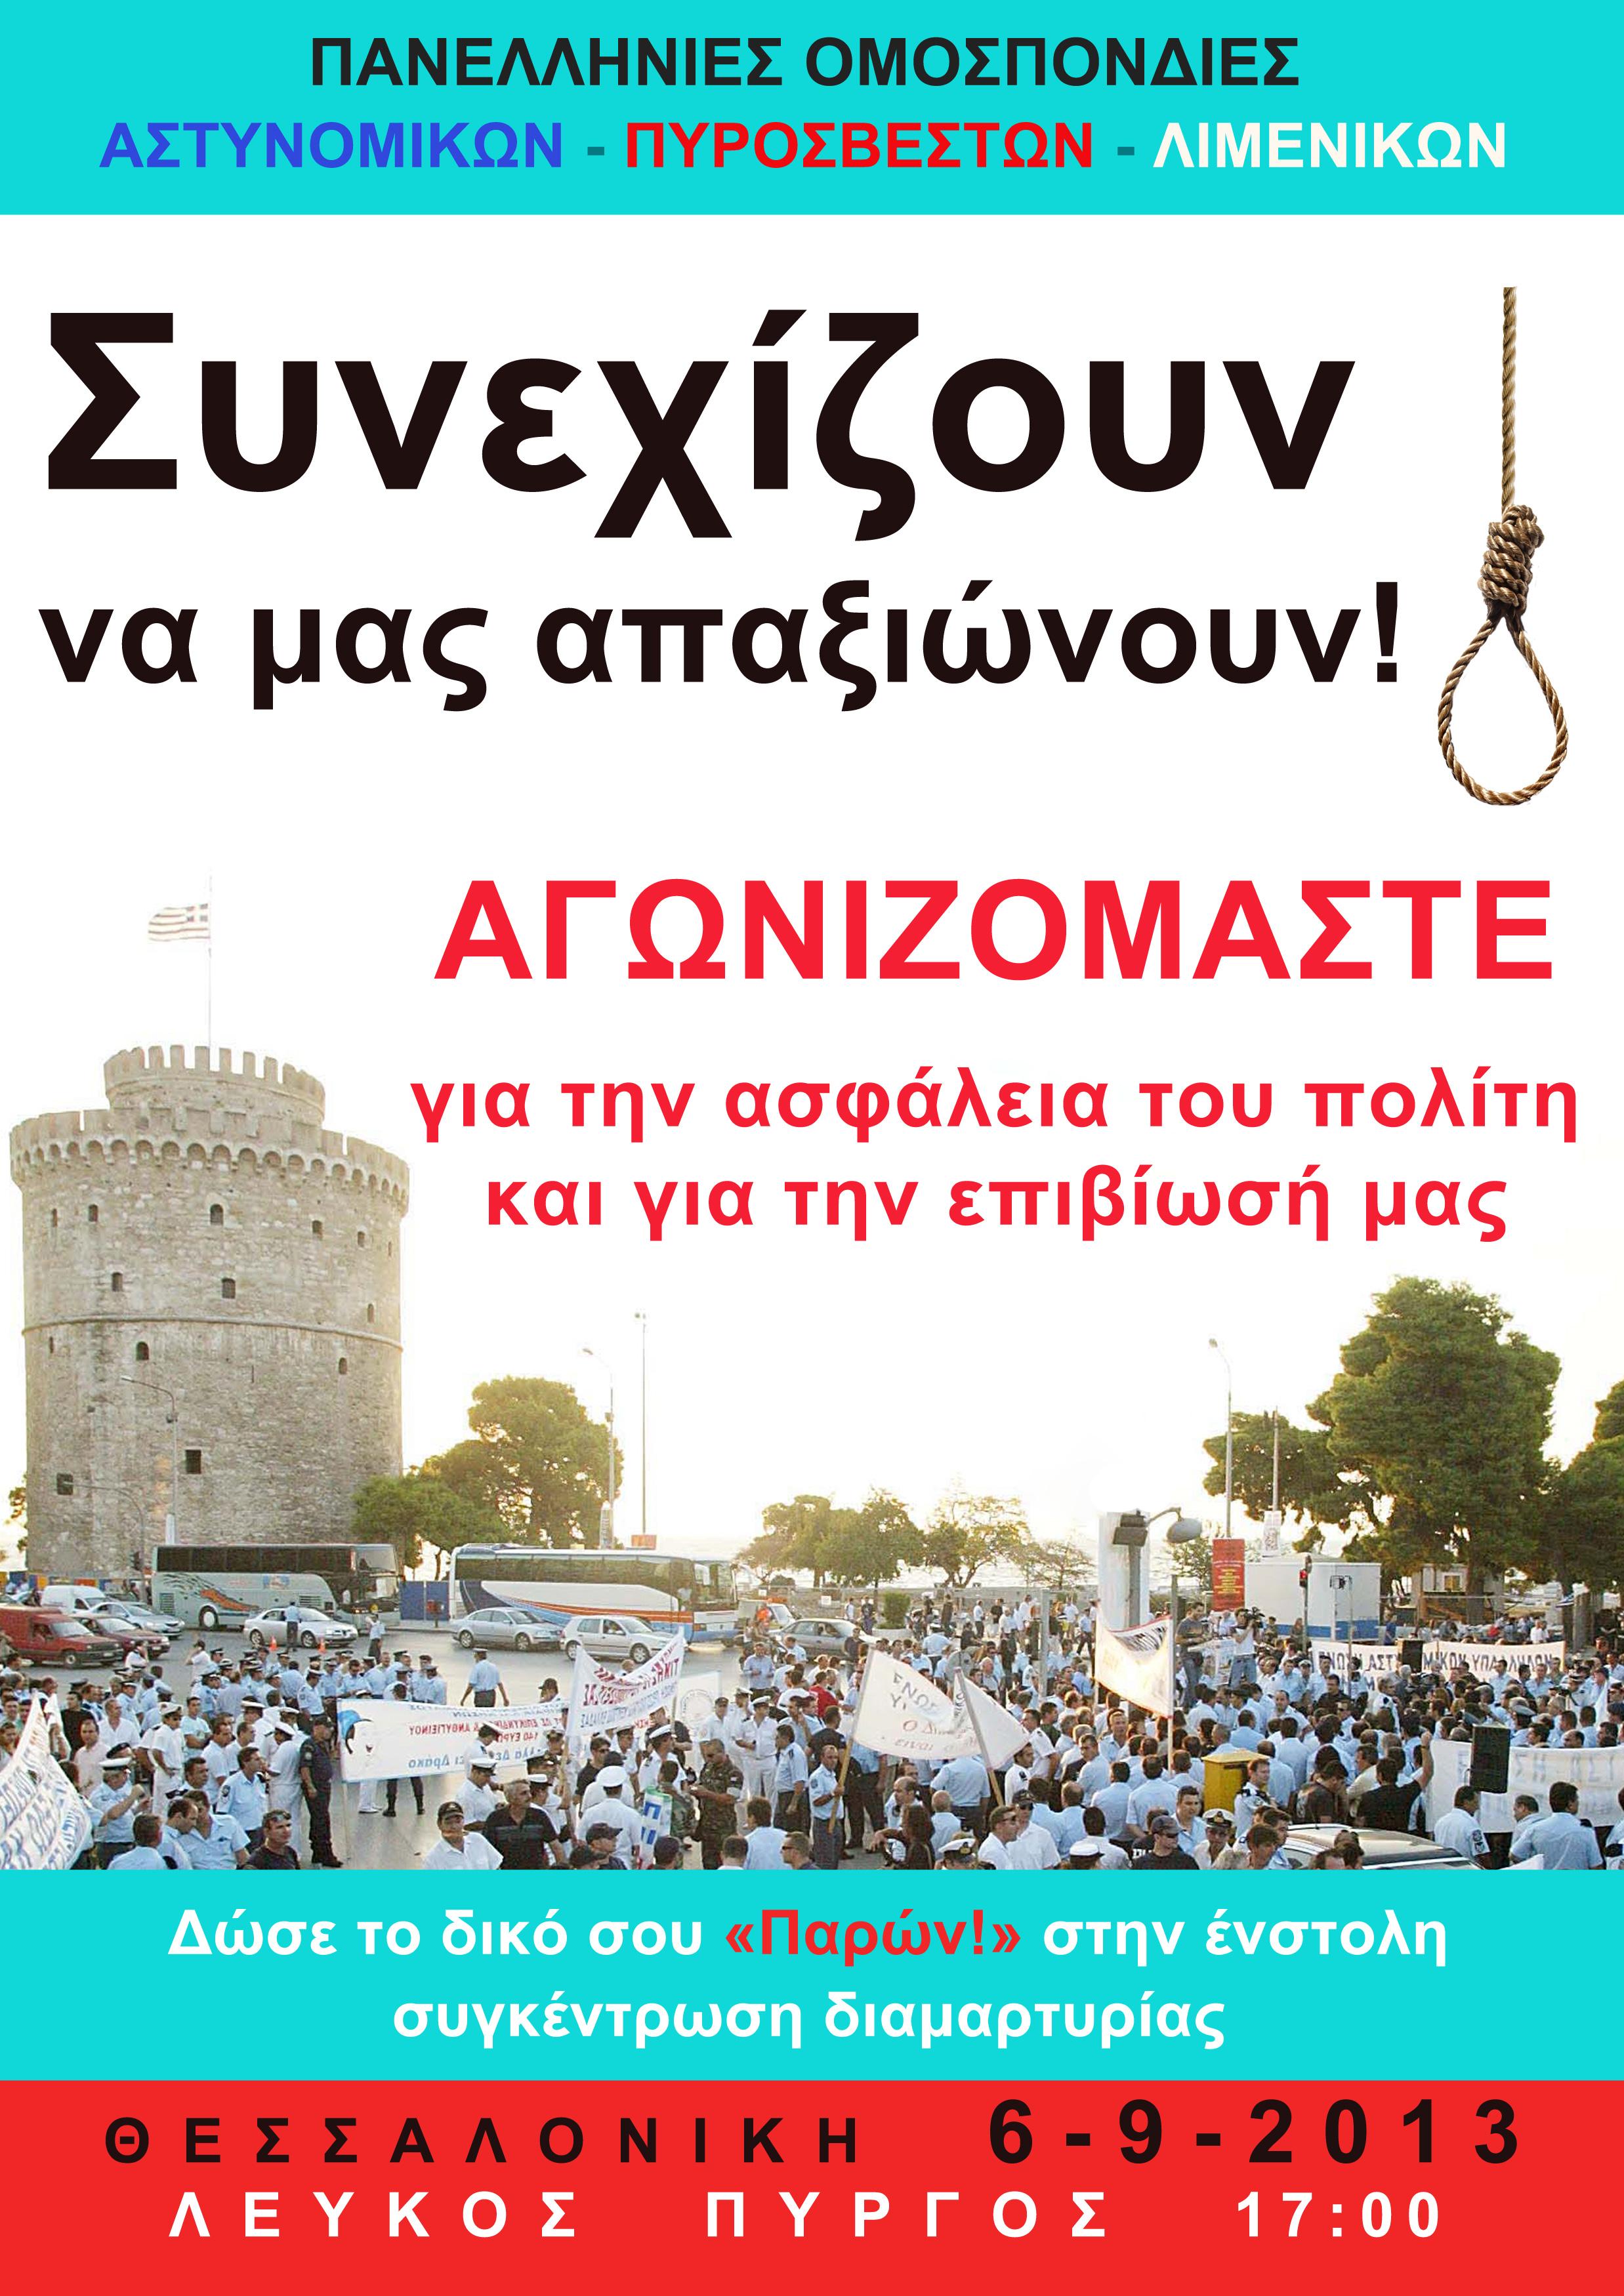 ΕΑΥΝ Γρεβενών: Πανελλαδική ένστολη διαμαρτυρία στην 78η ΔΕΘ